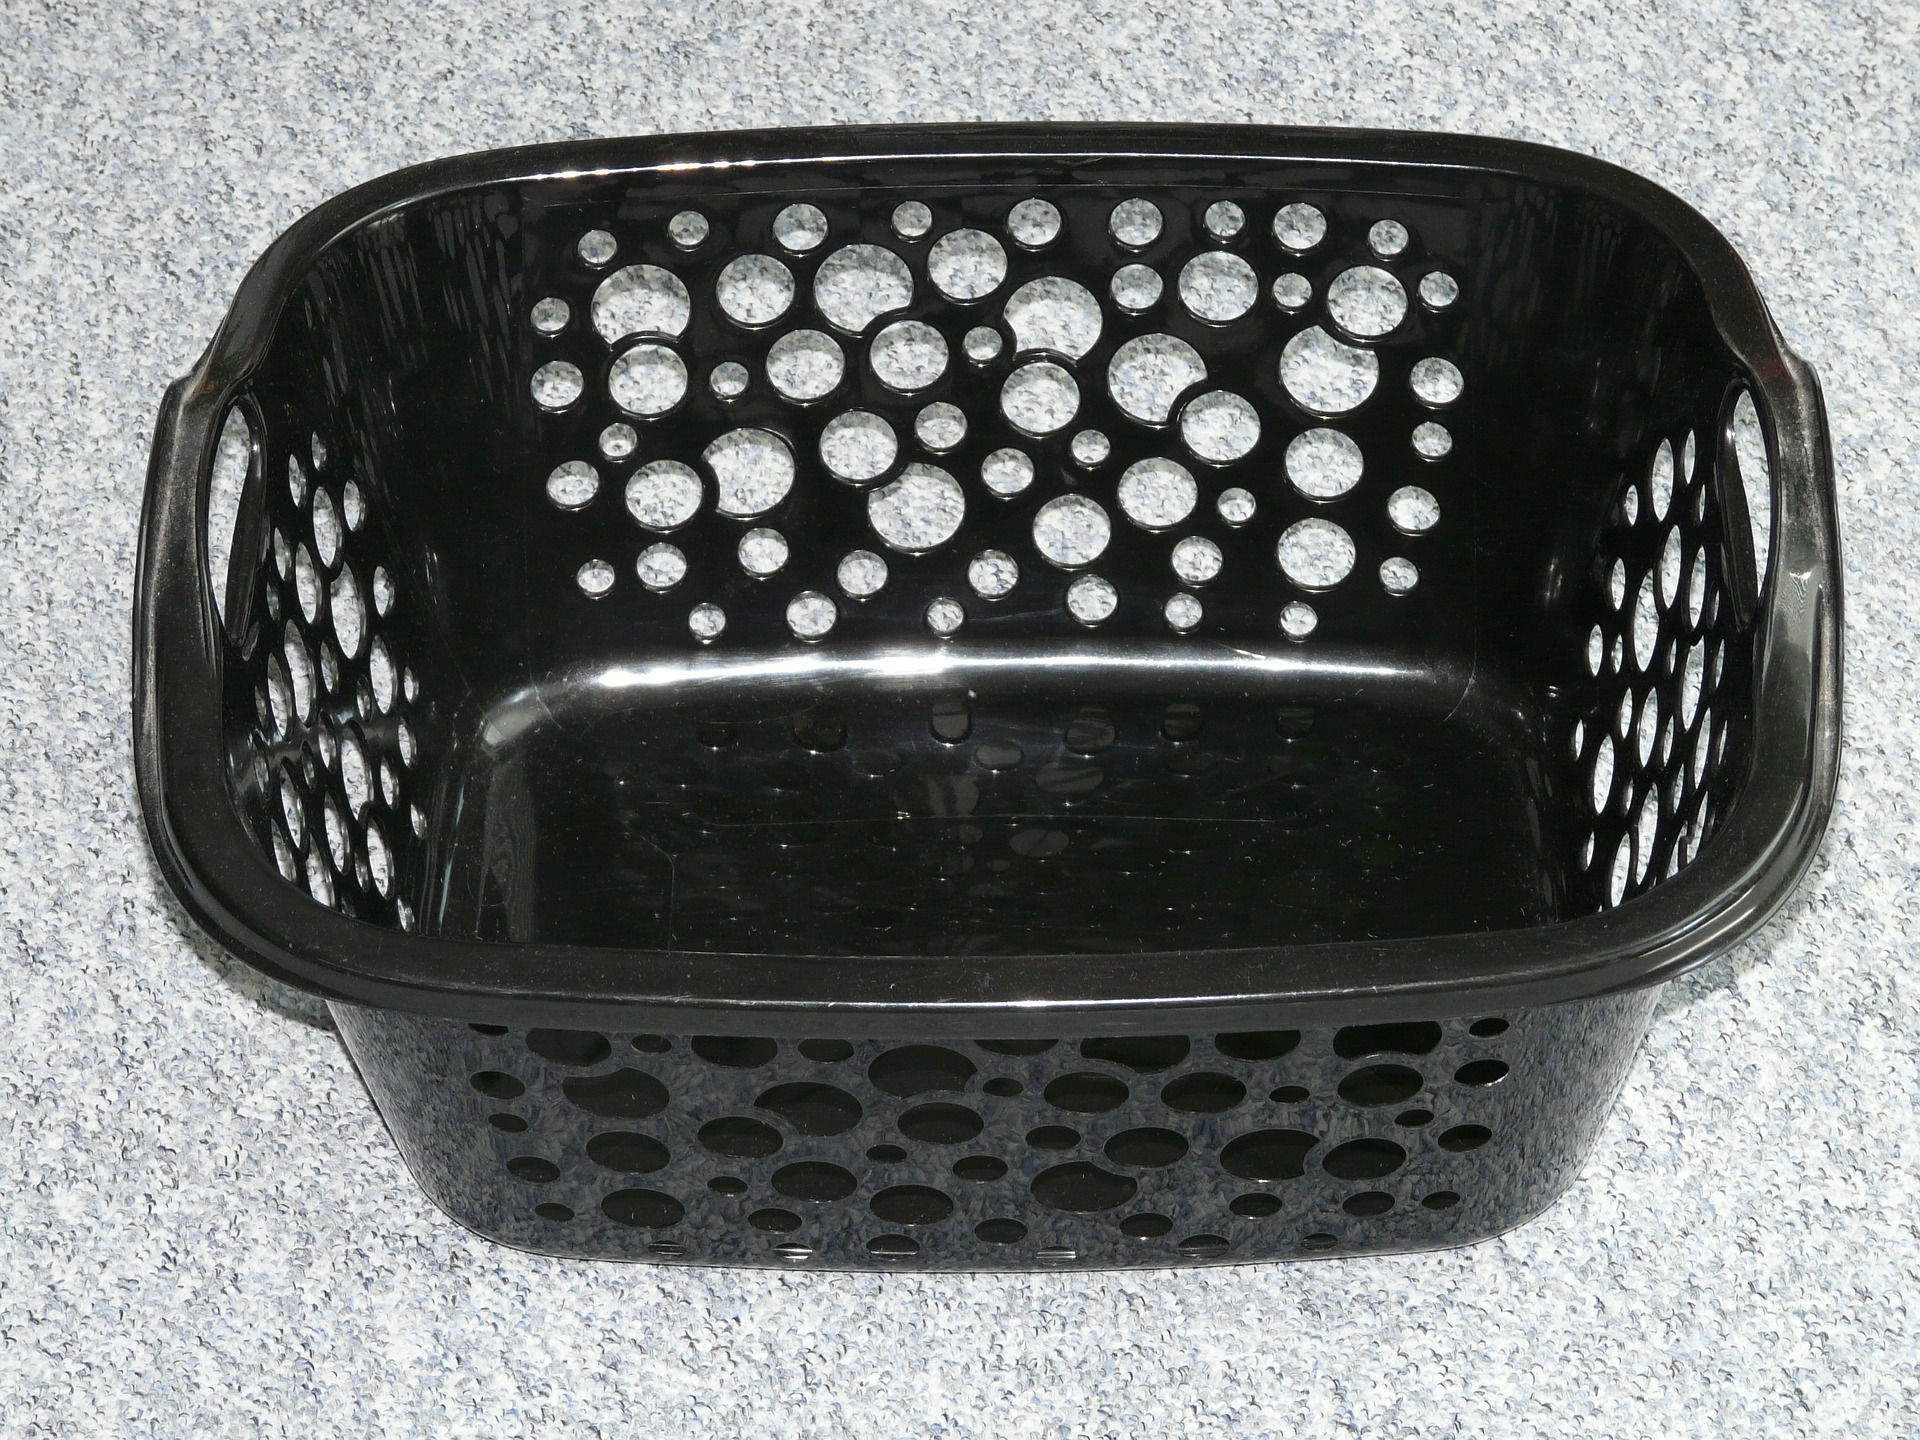 Wäschekorb Test Vergleich